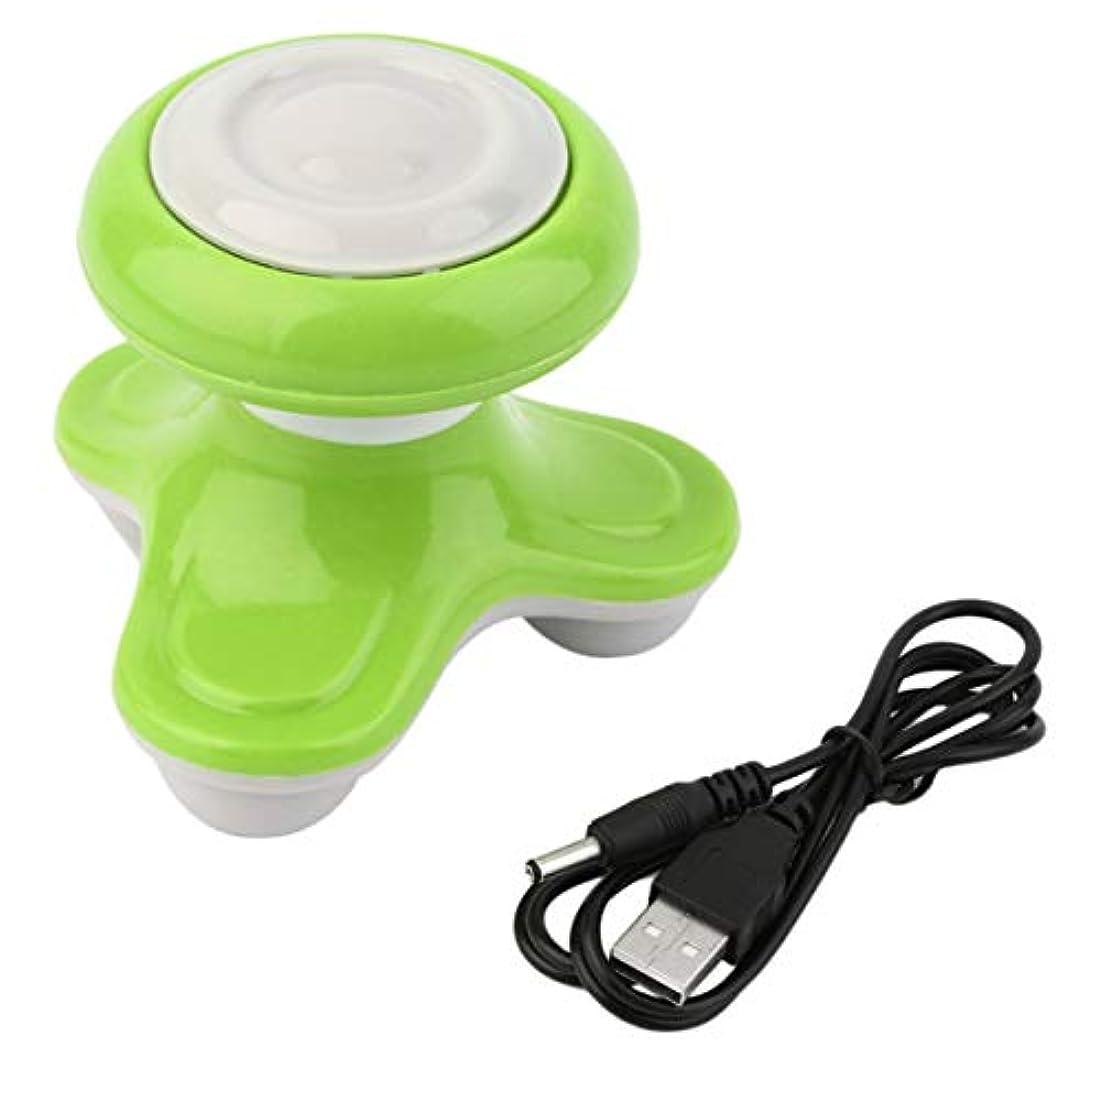 押す引き付ける健康的持ち運びに便利なミニ電動ハンドウェーブ振動マッサージャーUSBバッテリーフルボディマッサージ超コンパクト軽量 - グリーン